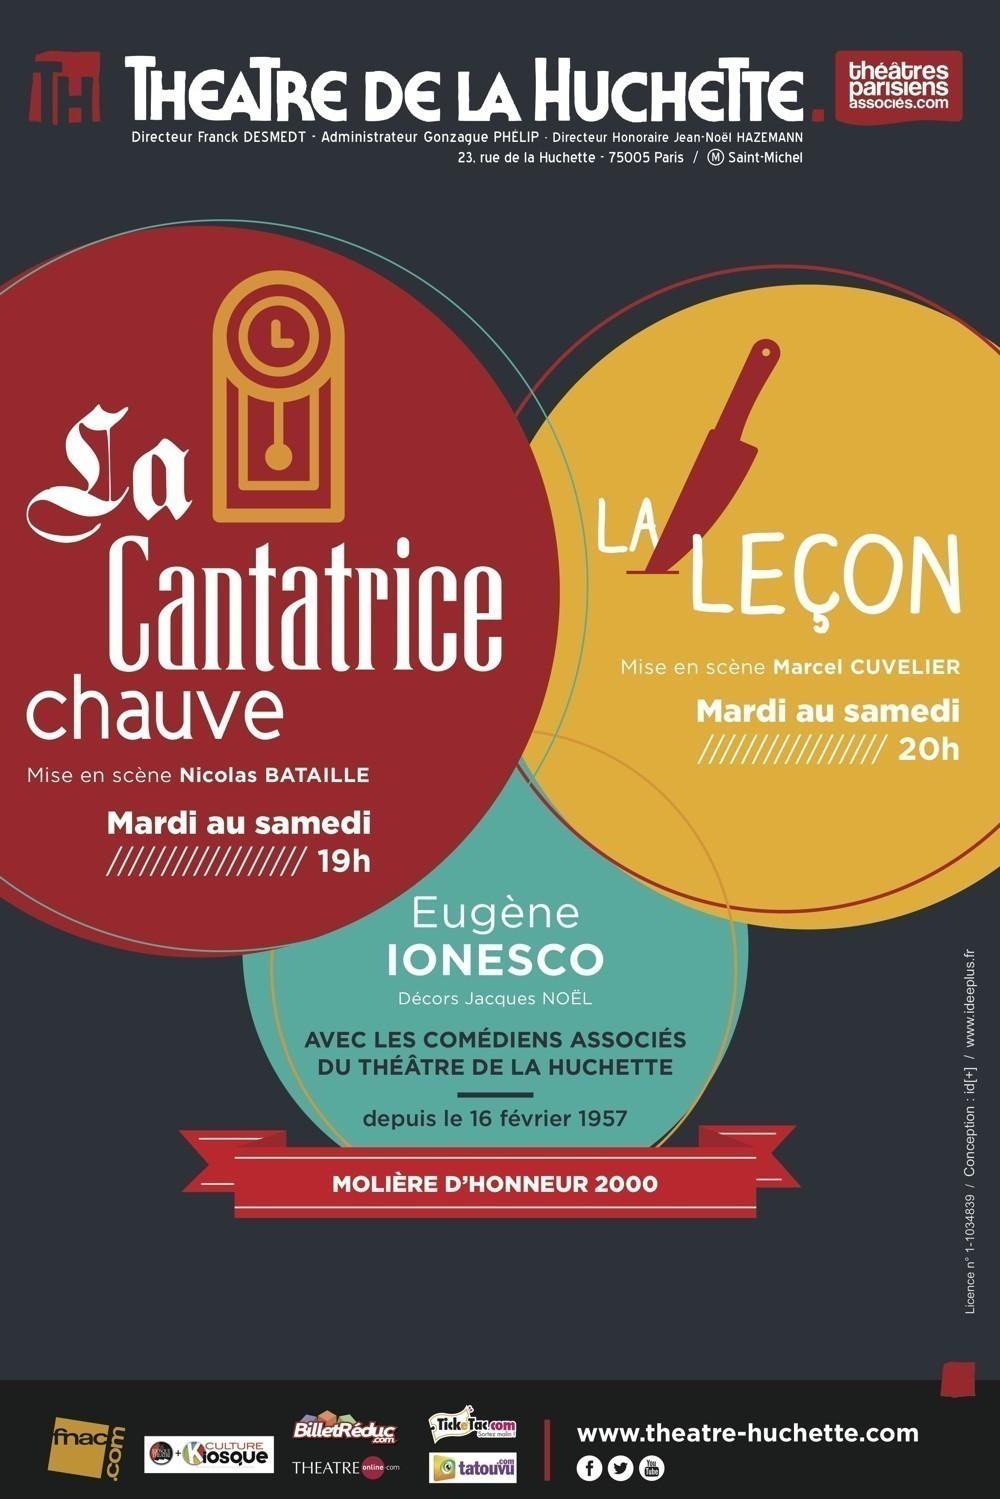 La Cantatrice Chauve et la Leçon, au théâtre de la Huchette depuis 1957